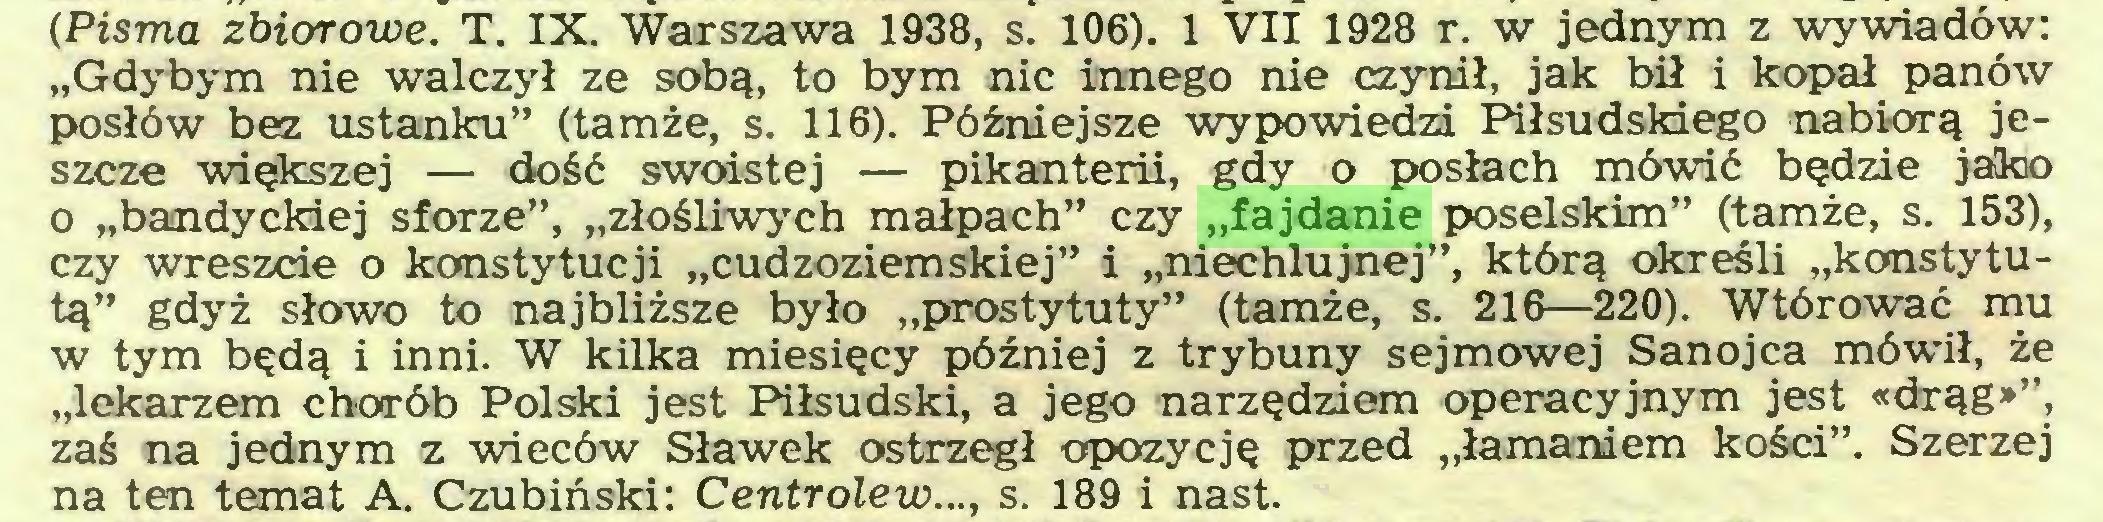 """(...) (Pisma zbiorowe. T. IX. Warszawa 1938, s. 106). 1 VII 1928 r. w jednym z wywiadów: """"Gdybym nie walczył ze sobą, to bym nic innego nie czynił, jak bił i kopał panów posłów bez ustanku"""" (tamże, s. 116). Późniejsze wypowiedzi Piłsudskiego nabiorą jeszcze większej — dość swoistej — pikanterii, gdy o posłach mówić będzie jako o """"bandyckiej sforze"""", """"złośliwych małpach"""" czy """"fajdanie poselskim"""" (tamże, s. 153), czy wreszcie o konstytucji """"cudzoziemskiej"""" i """"niechlujnej"""", którą określi """"konstytutą"""" gdyż słowo to najbliższe było """"prostytuty"""" (tamże, s. 216—220). Wtórować mu w tym będą i inni. W kilka miesięcy później z trybuny sejmowej Sanojca mówił, że """"lekarzem chorób Polski jest Piłsudski, a jego narzędziem operacyjnym jest «drąg»"""", zaś na jednym z wieców Sławek ostrzegł opozycję przed """"łamaniem kości"""". Szerzej na ten temat A. Czubiński: Centrolew..., s. 189 i nast..."""